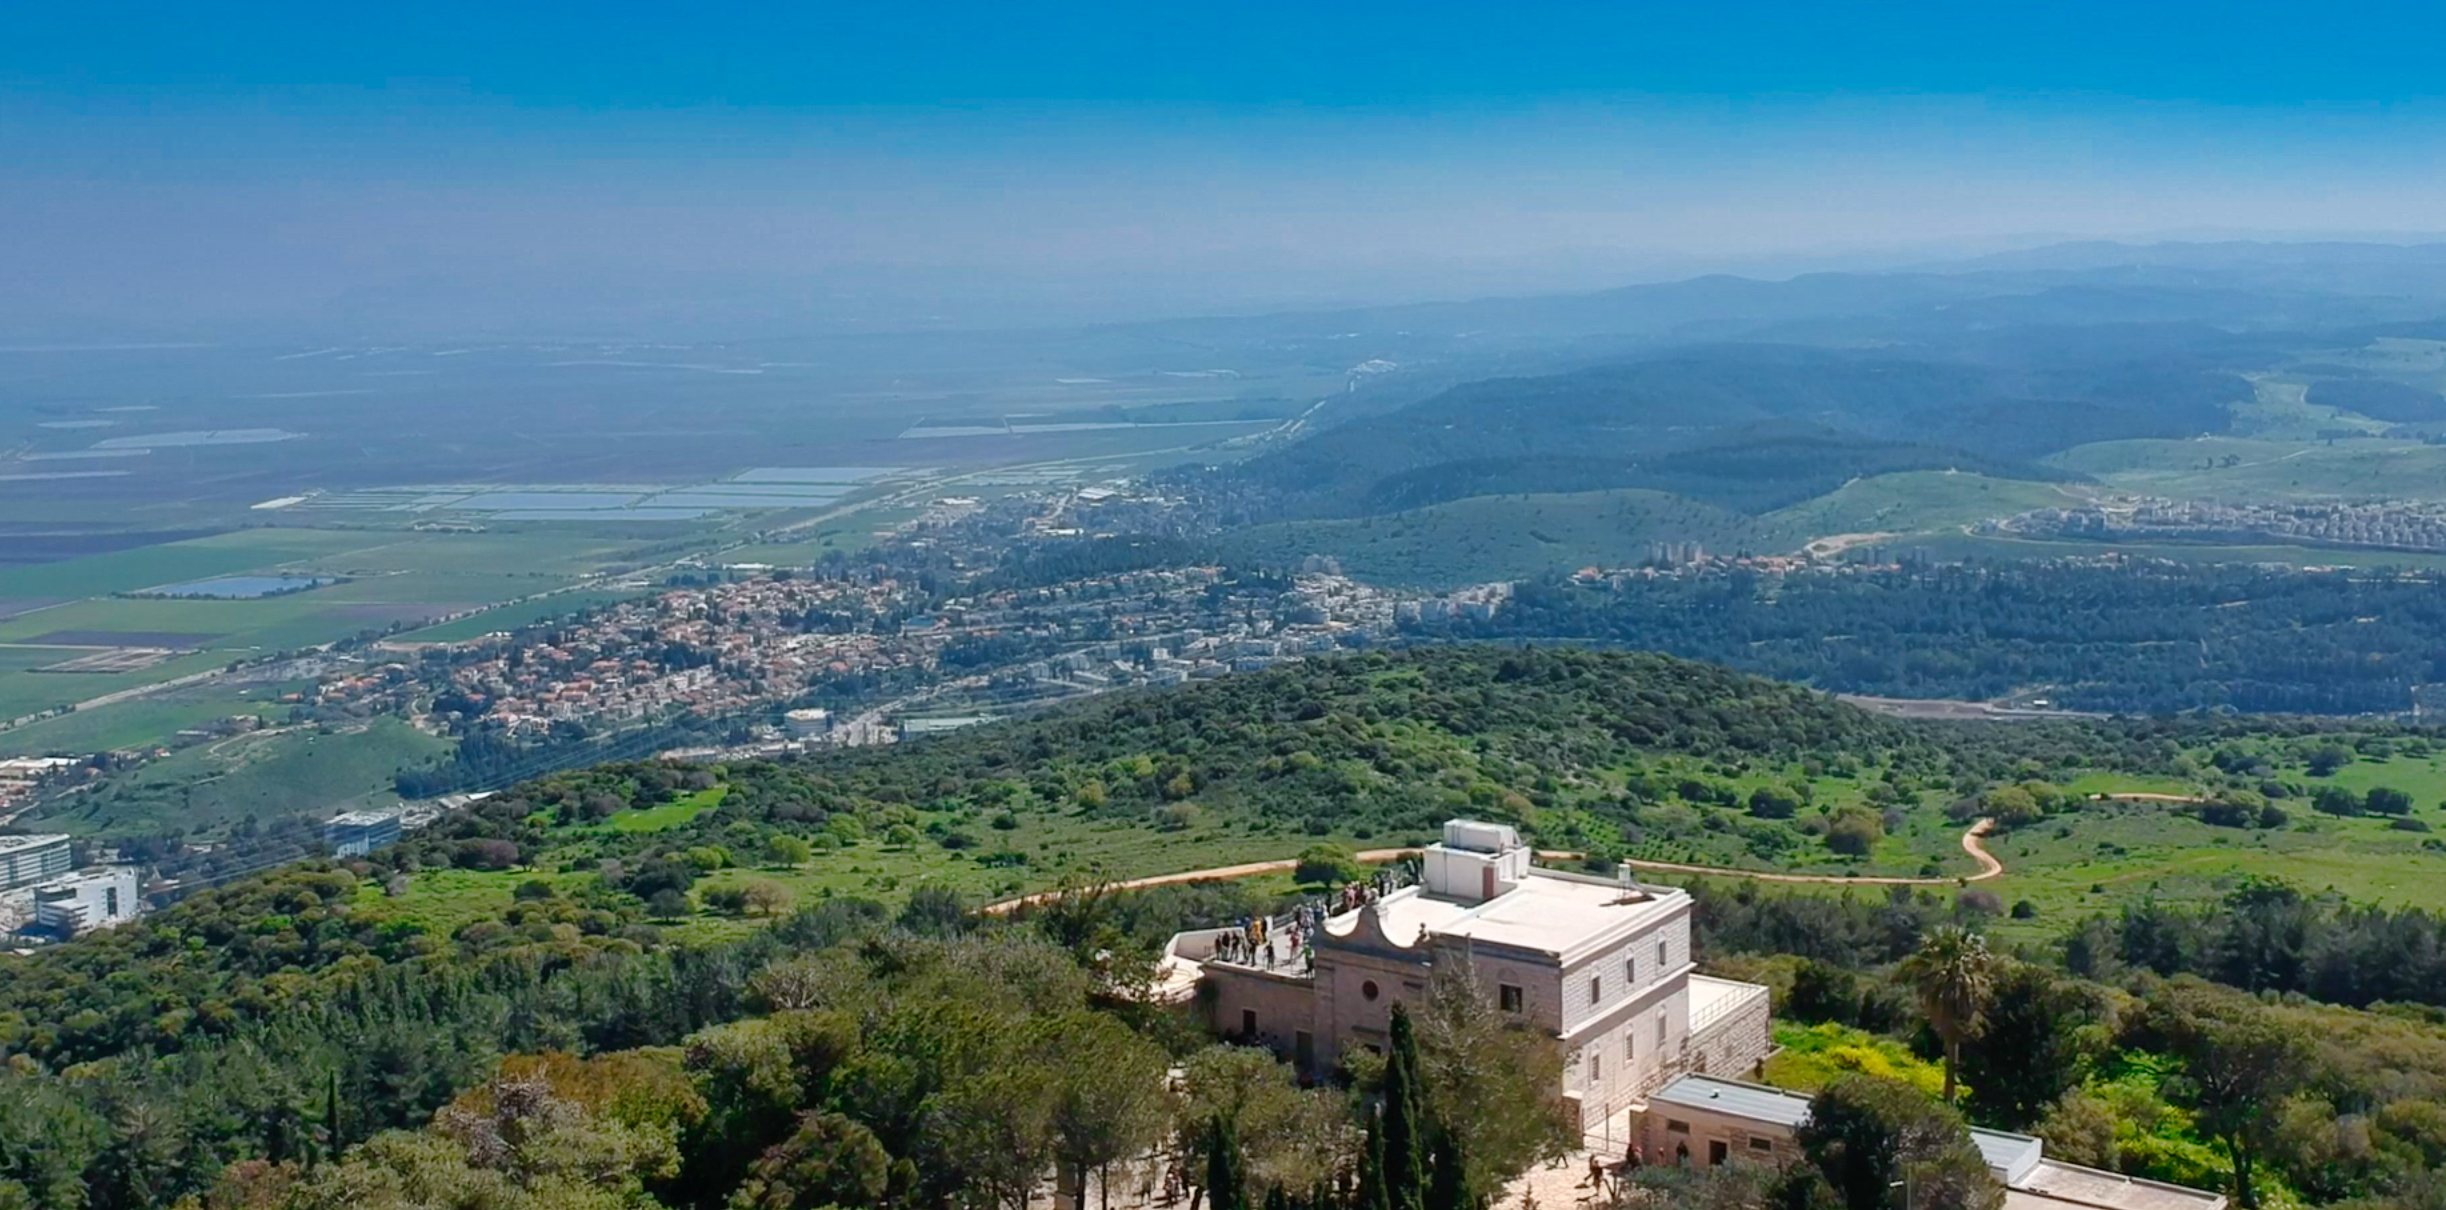 Mt. Carmel - Jezreel Valley